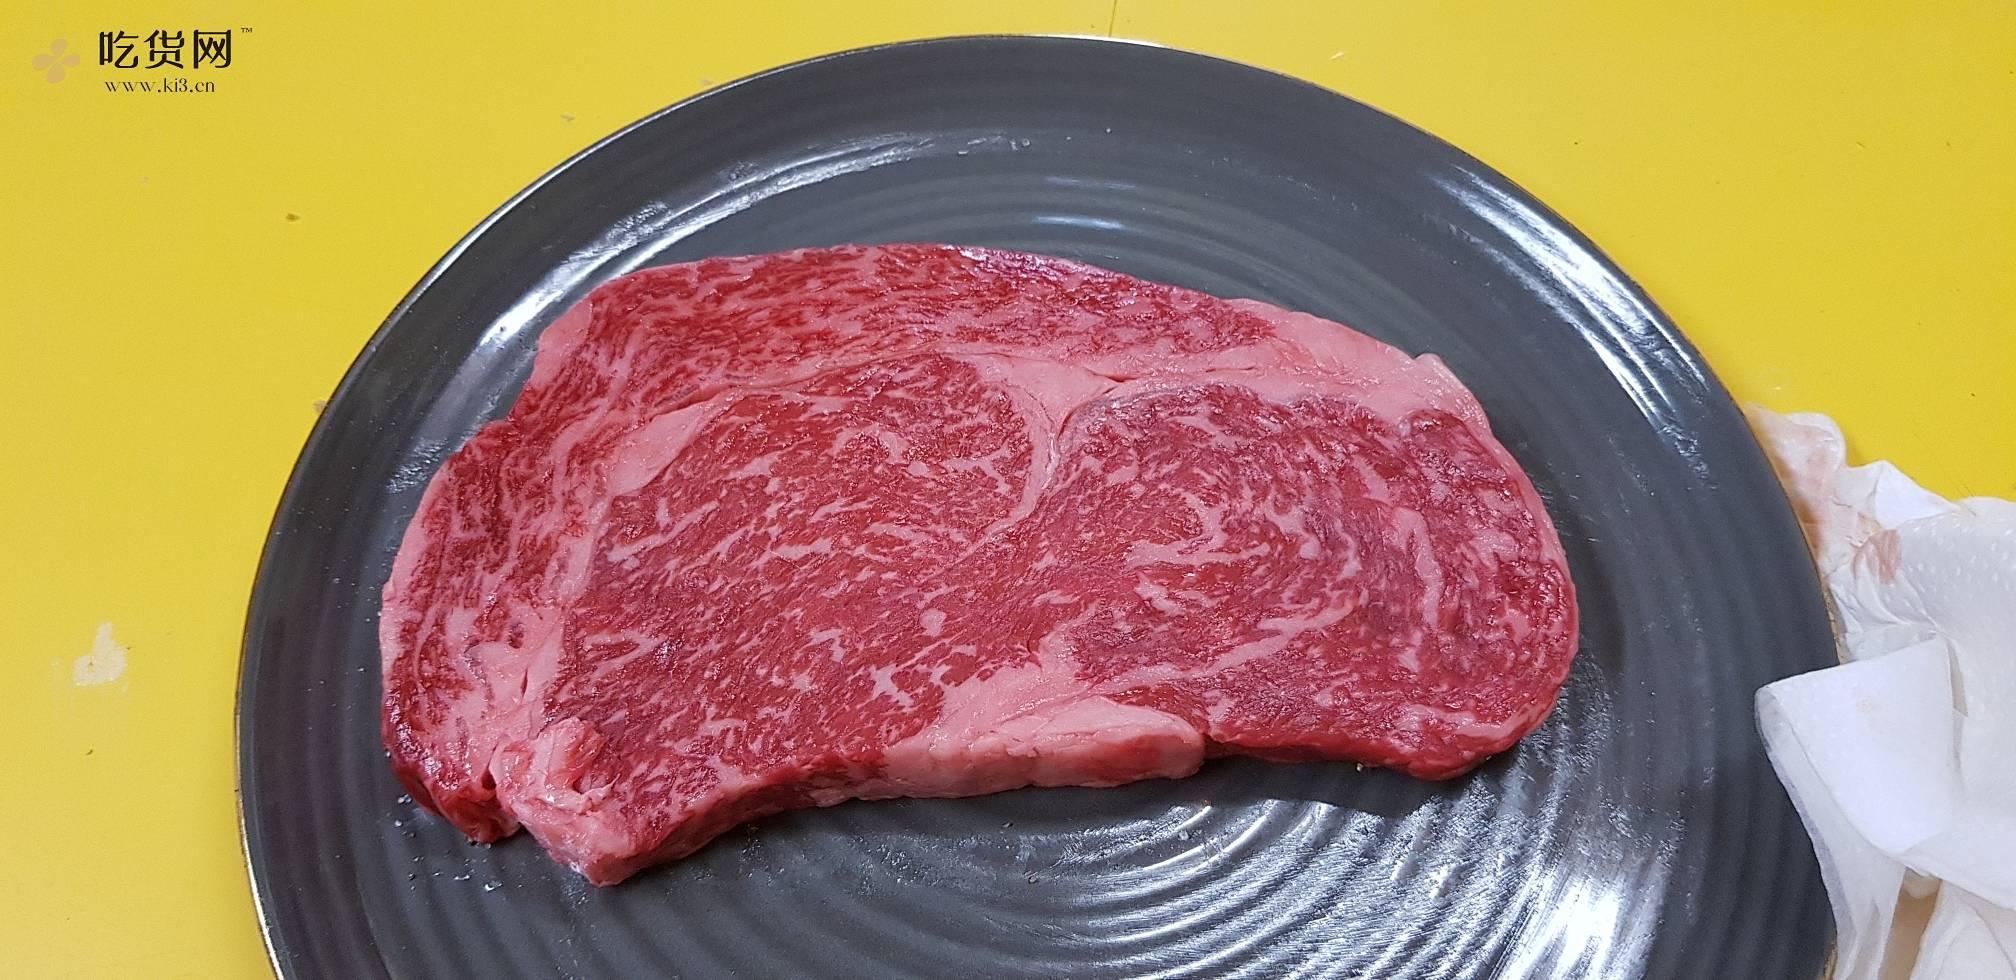 煎和牛排-入口即化的做法 步骤1